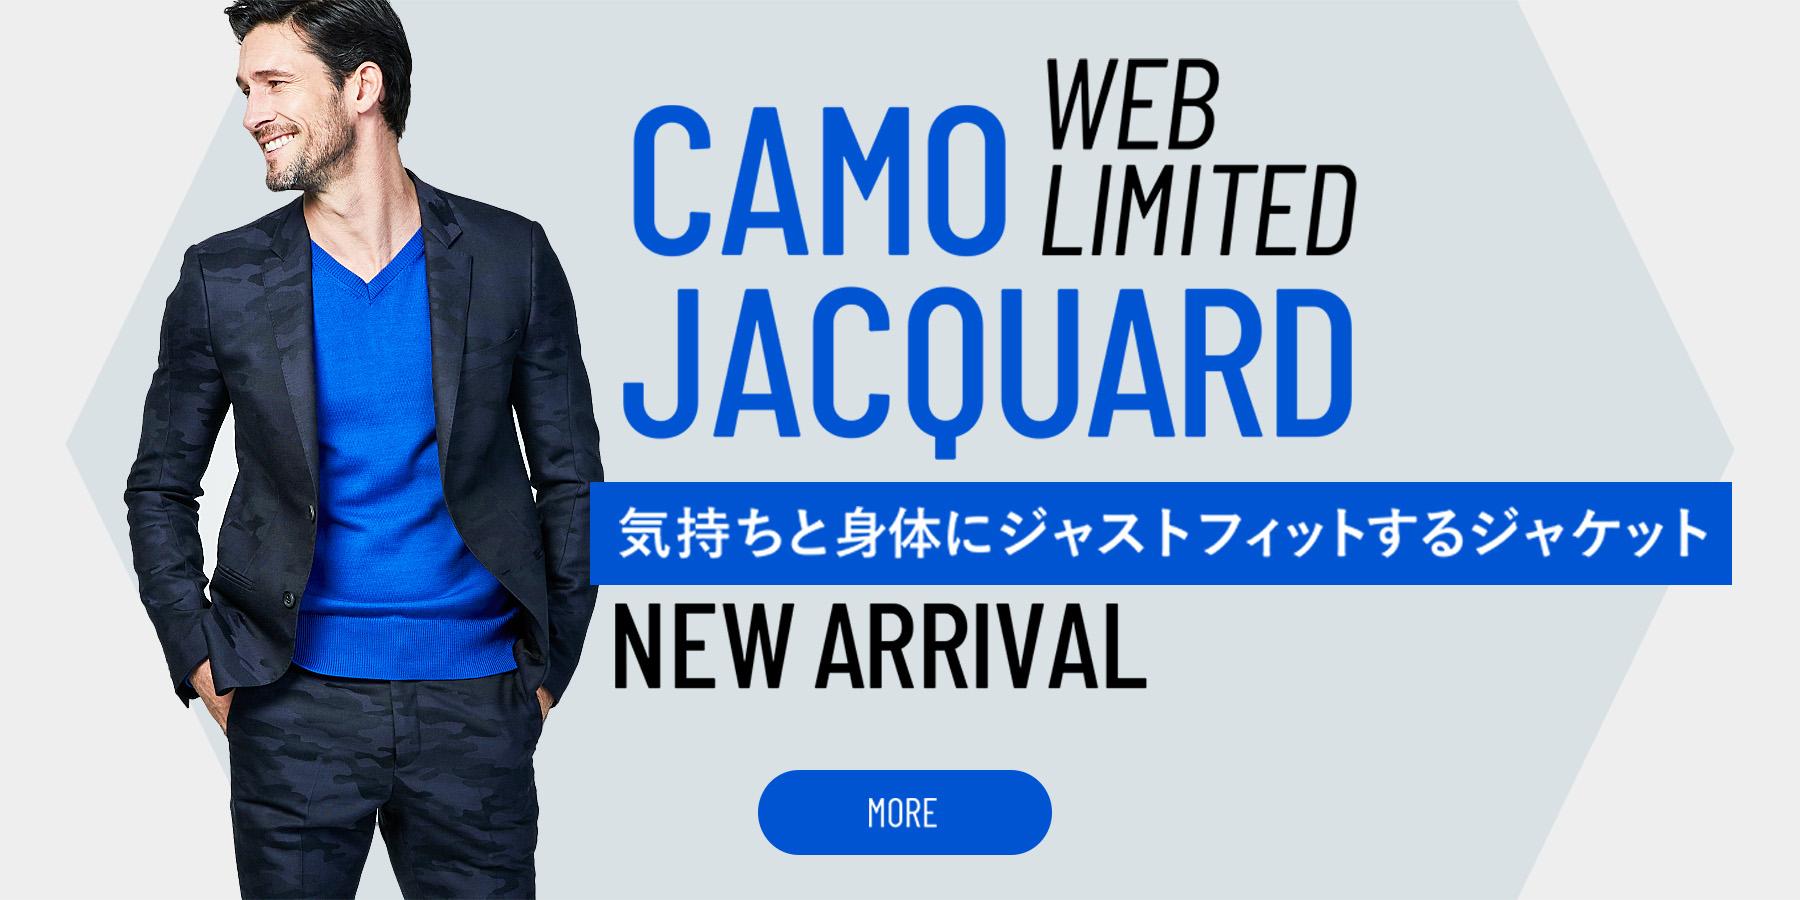 公式WEB SHOPで限定復刻したCAMO JACQUARD  3D JACKET